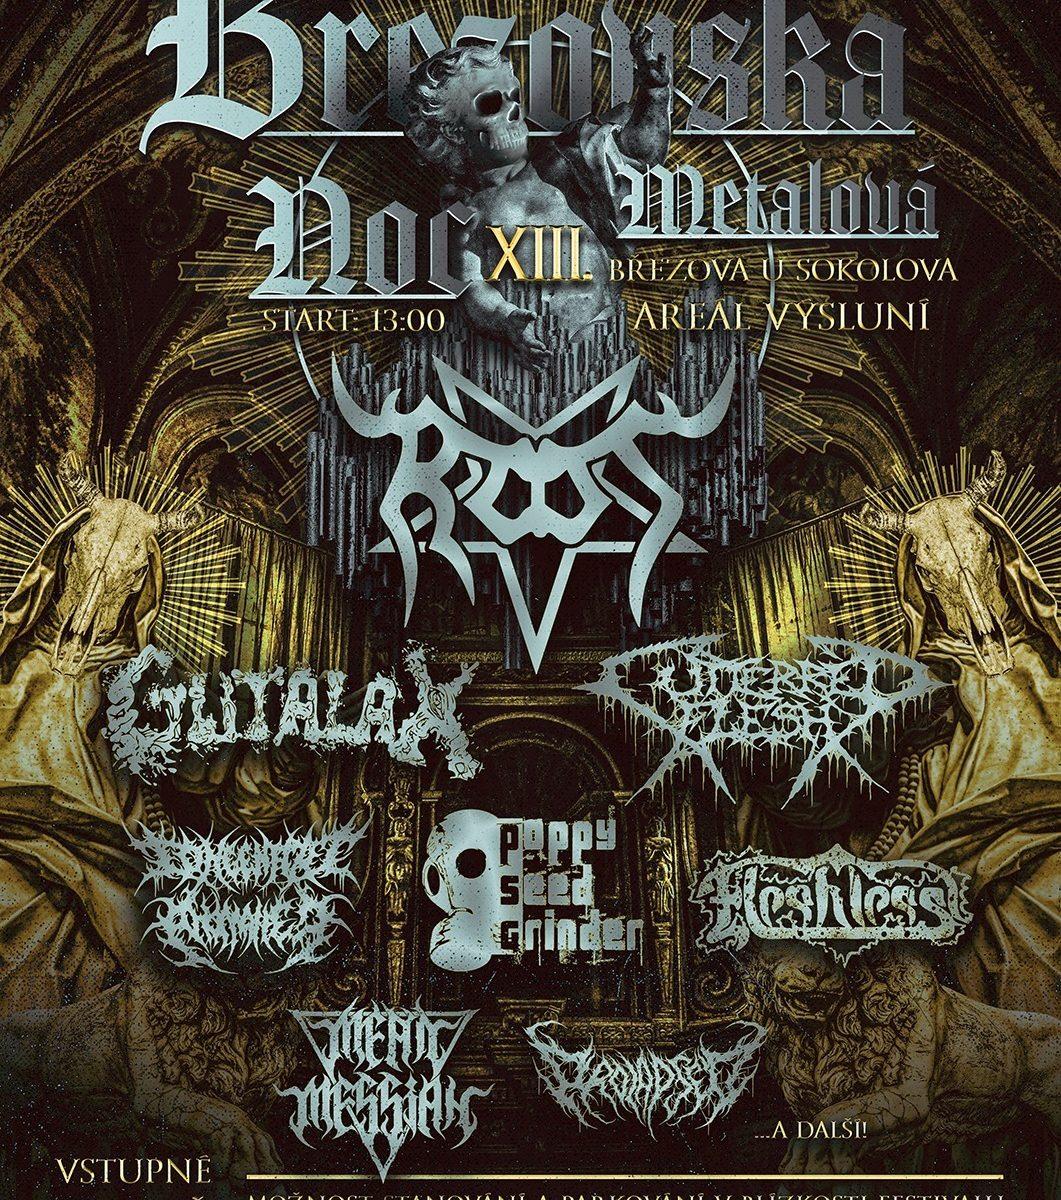 Březovská metalová noc poster